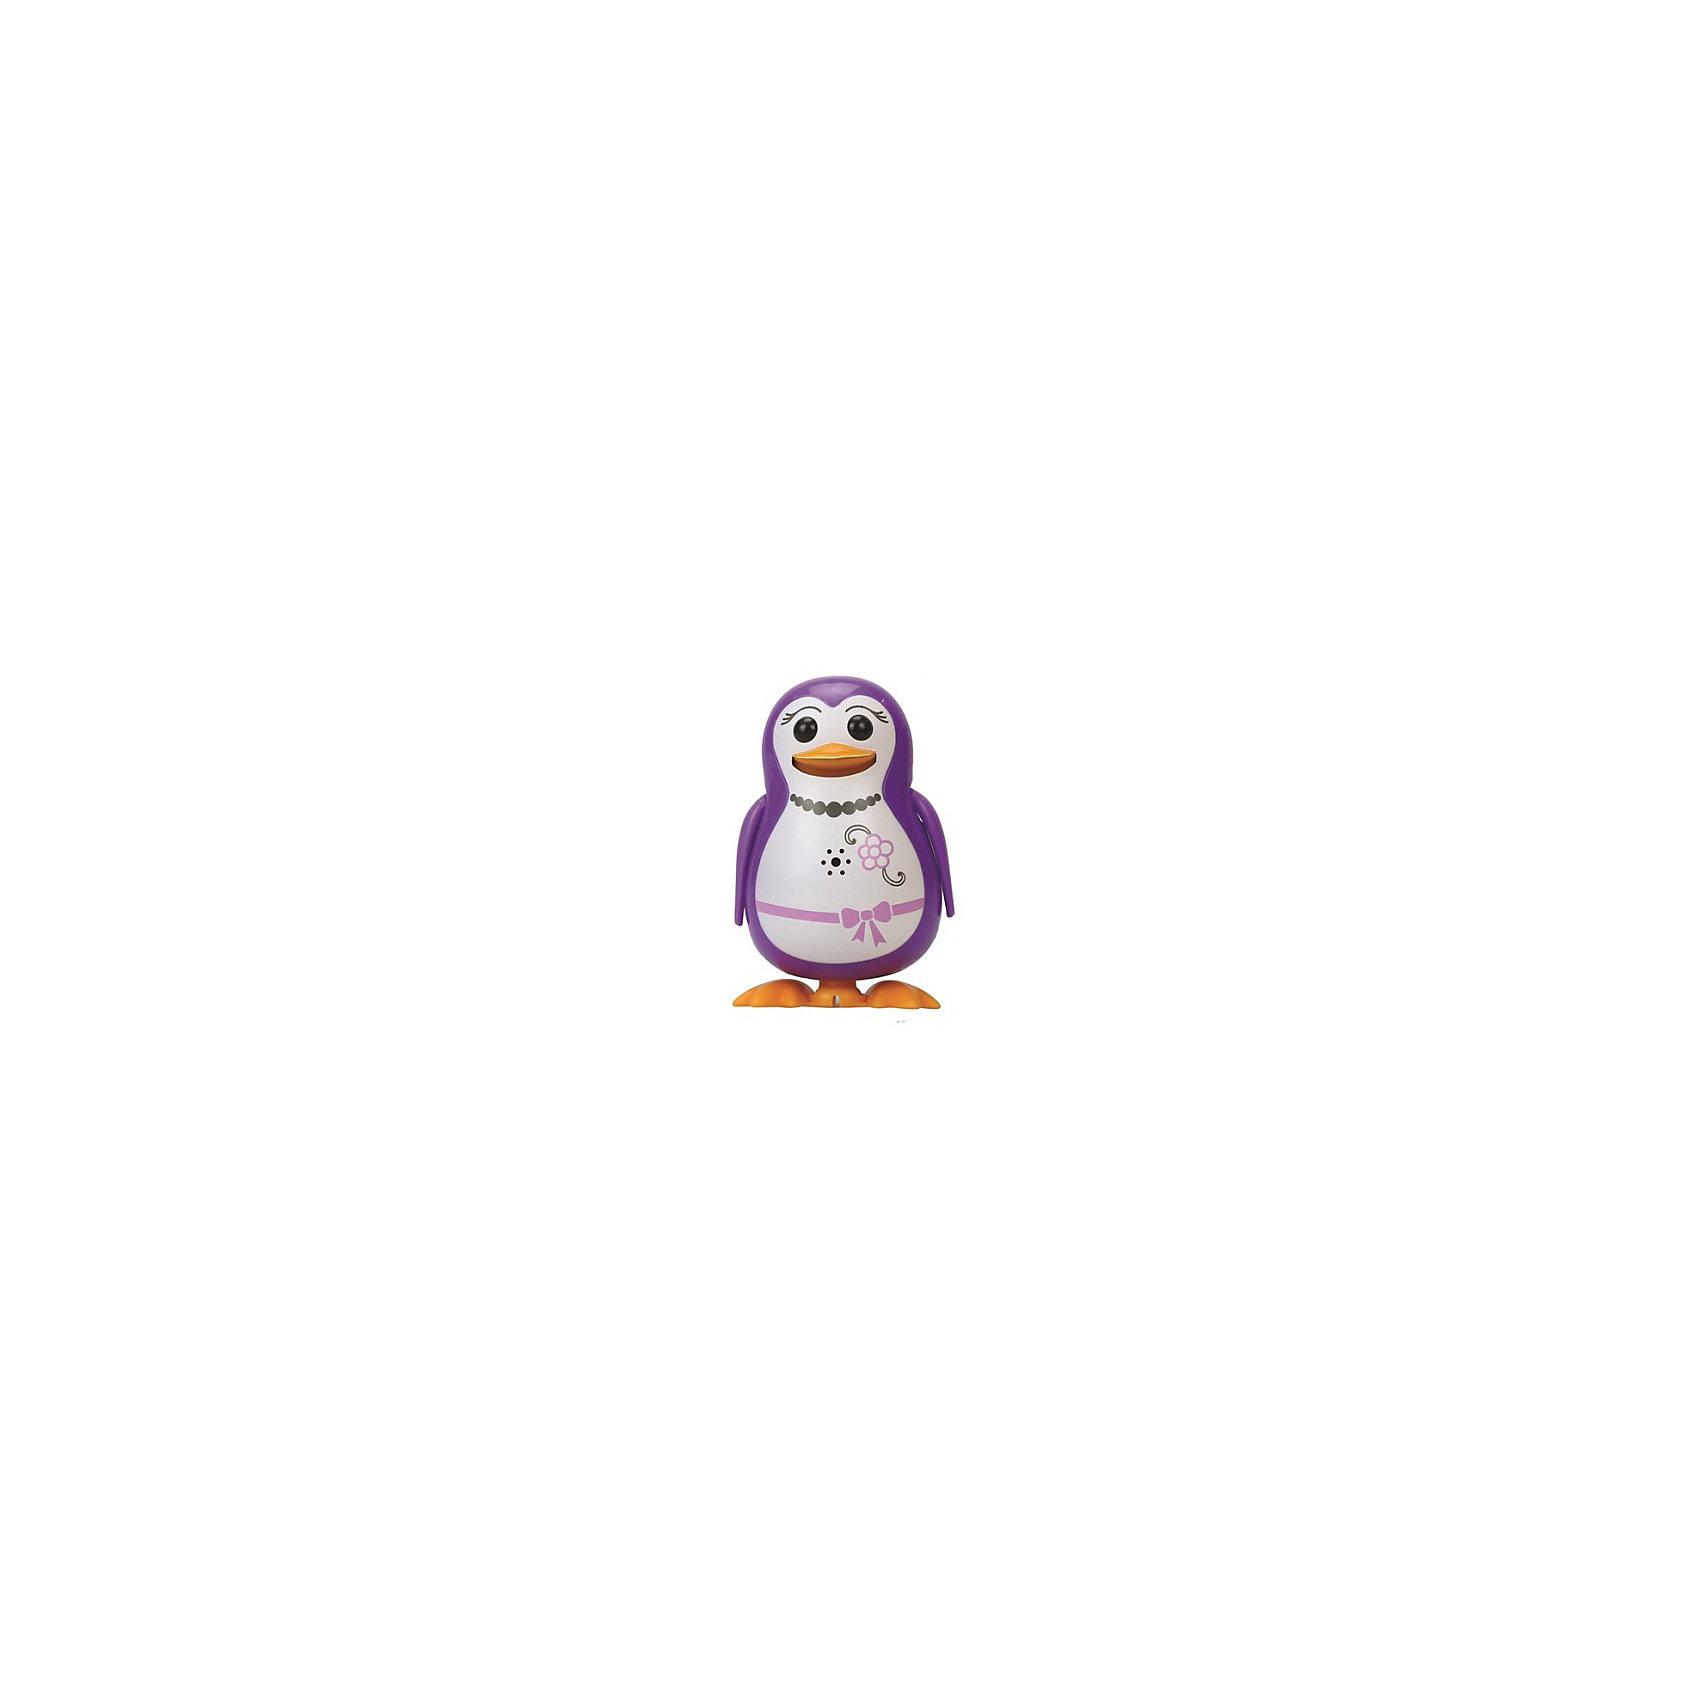 Silverlit Поющий пингвин с кольцом, фиолетовый, DigiBirds silverlit digibirds пингвин фигурист с кольцом серый